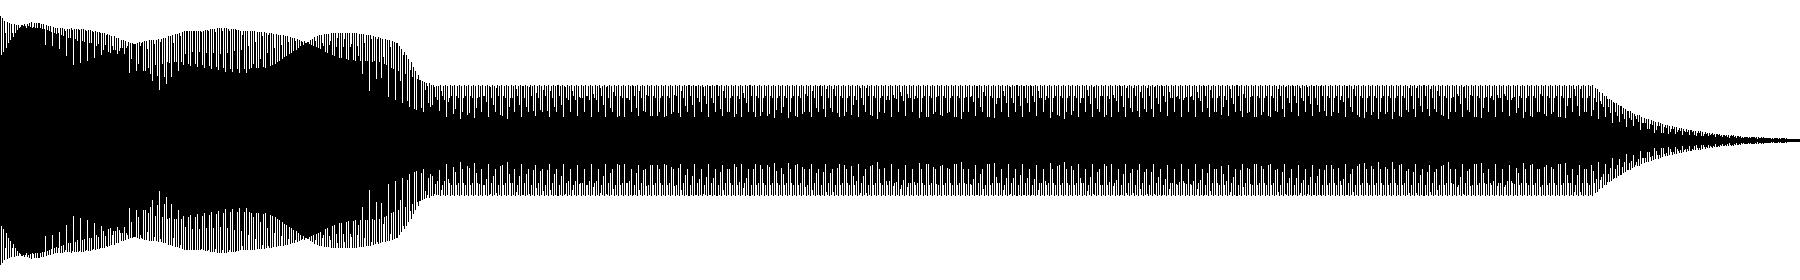 chorbrasc4